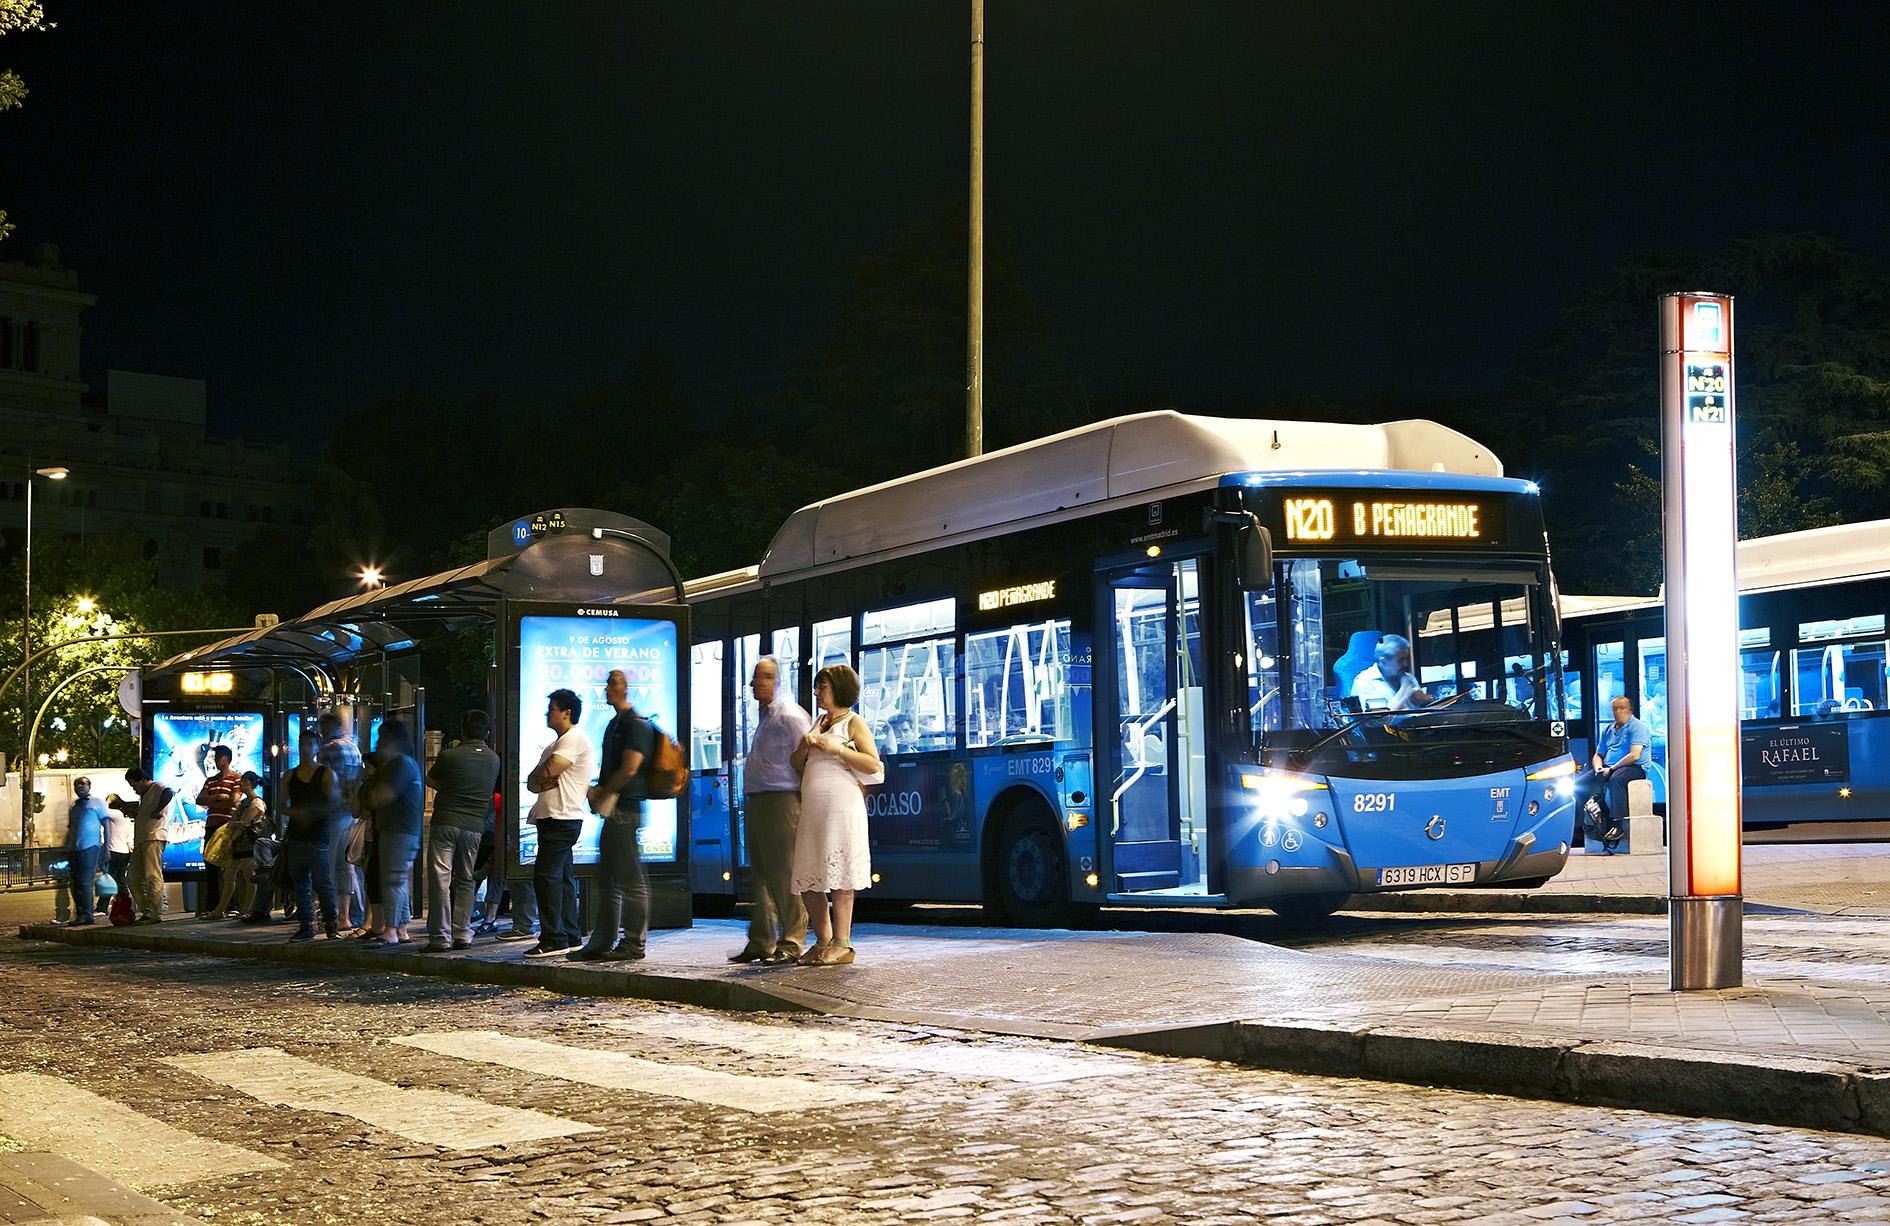 El presupuesto del crtm ascender a millones de for Oficinas del consorcio de transportes de madrid puesto 2